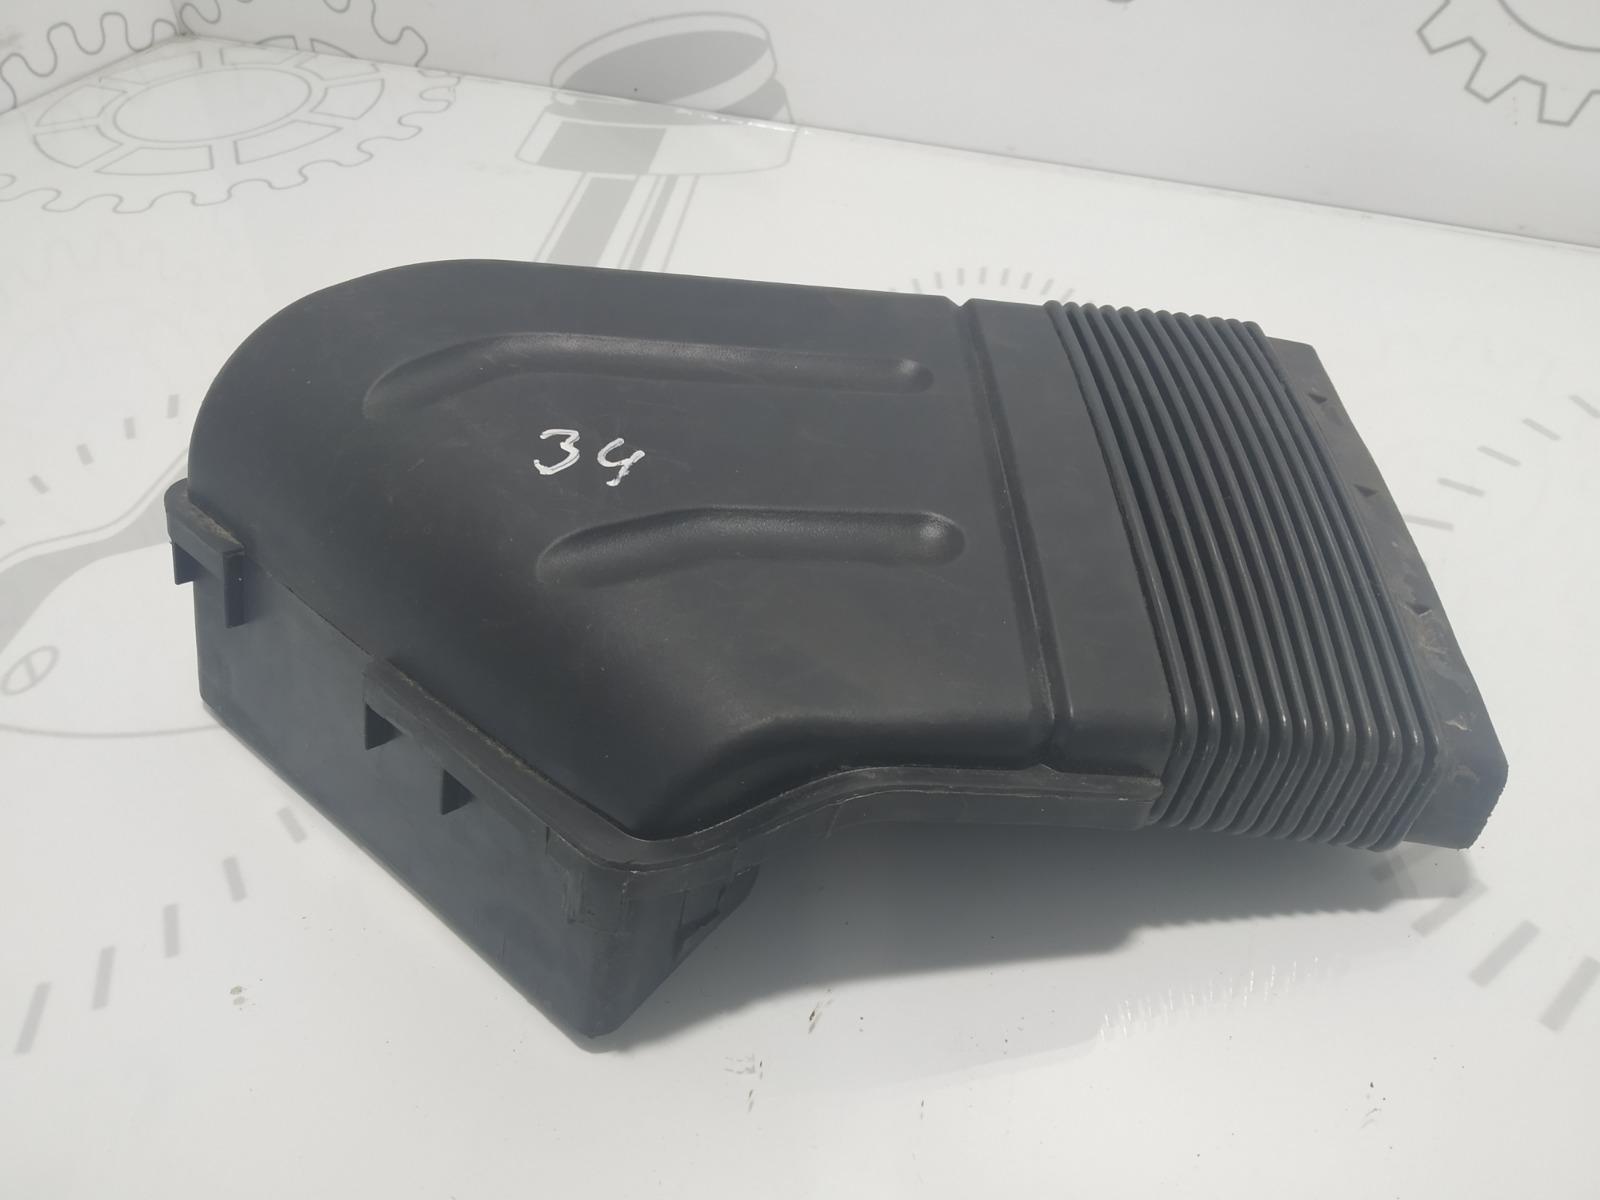 Воздухозаборник Audi A4 B7 2.0 TFSI 2006 (б/у)